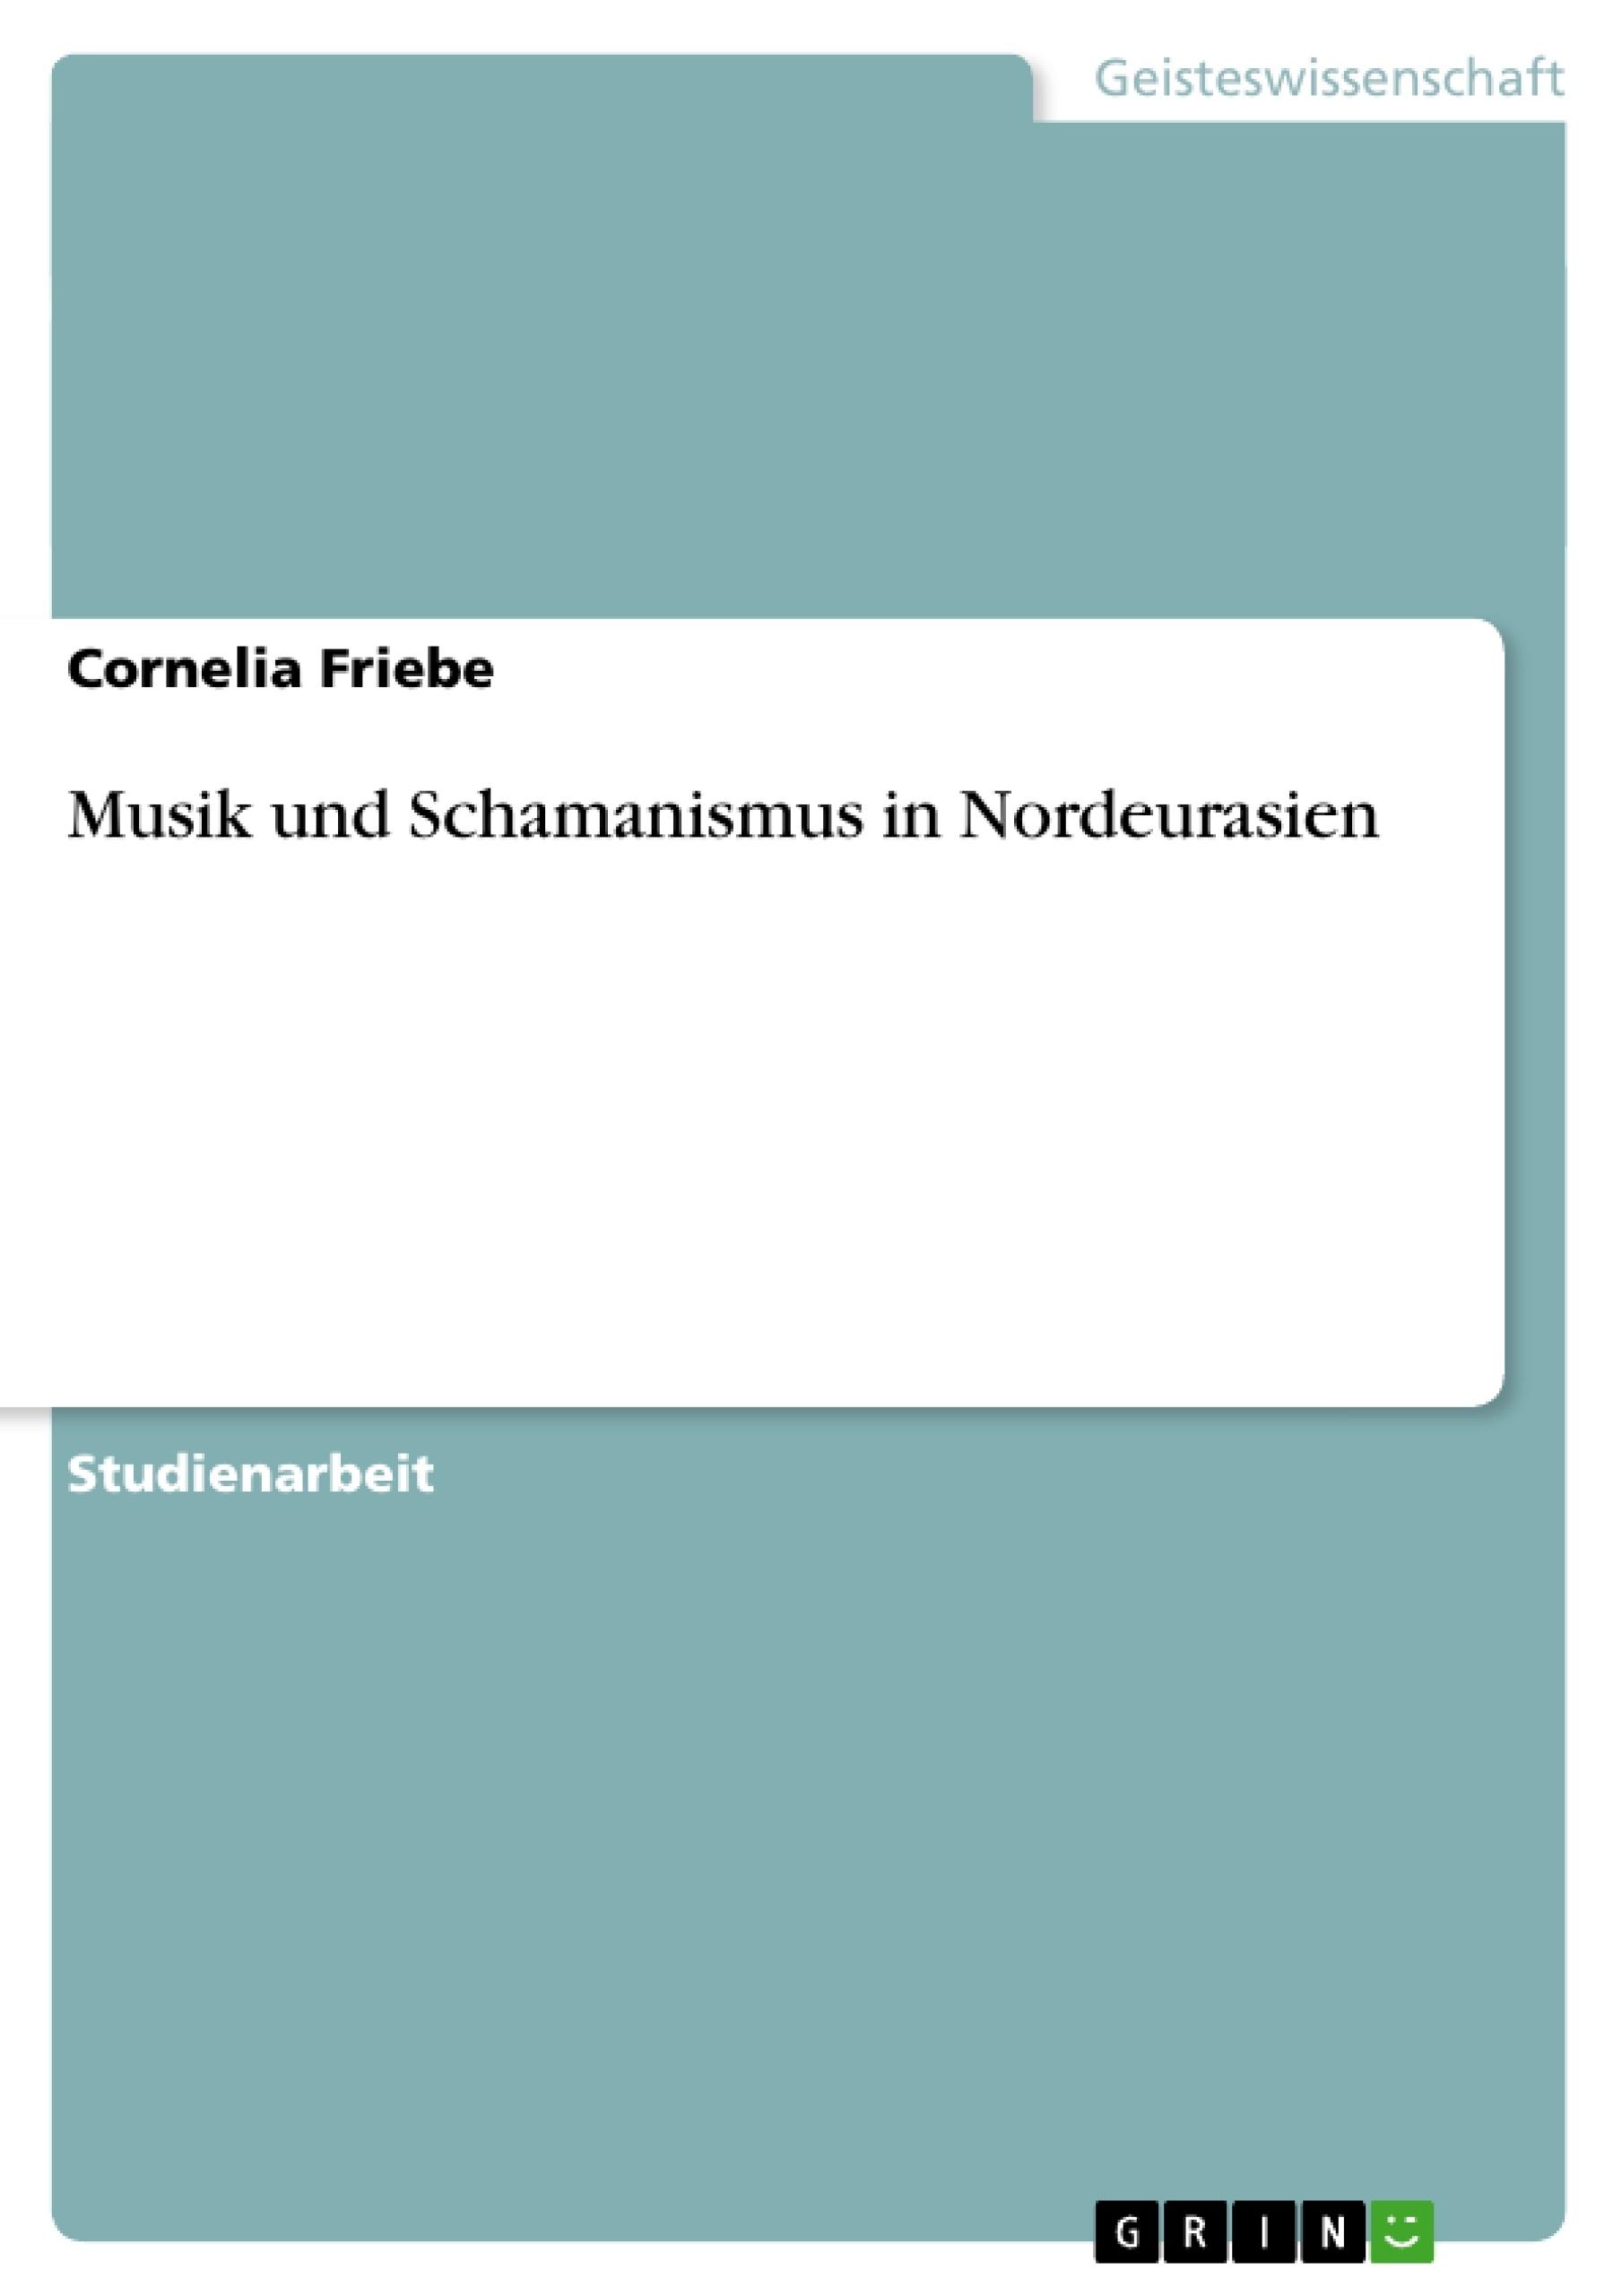 Titel: Musik und Schamanismus in Nordeurasien